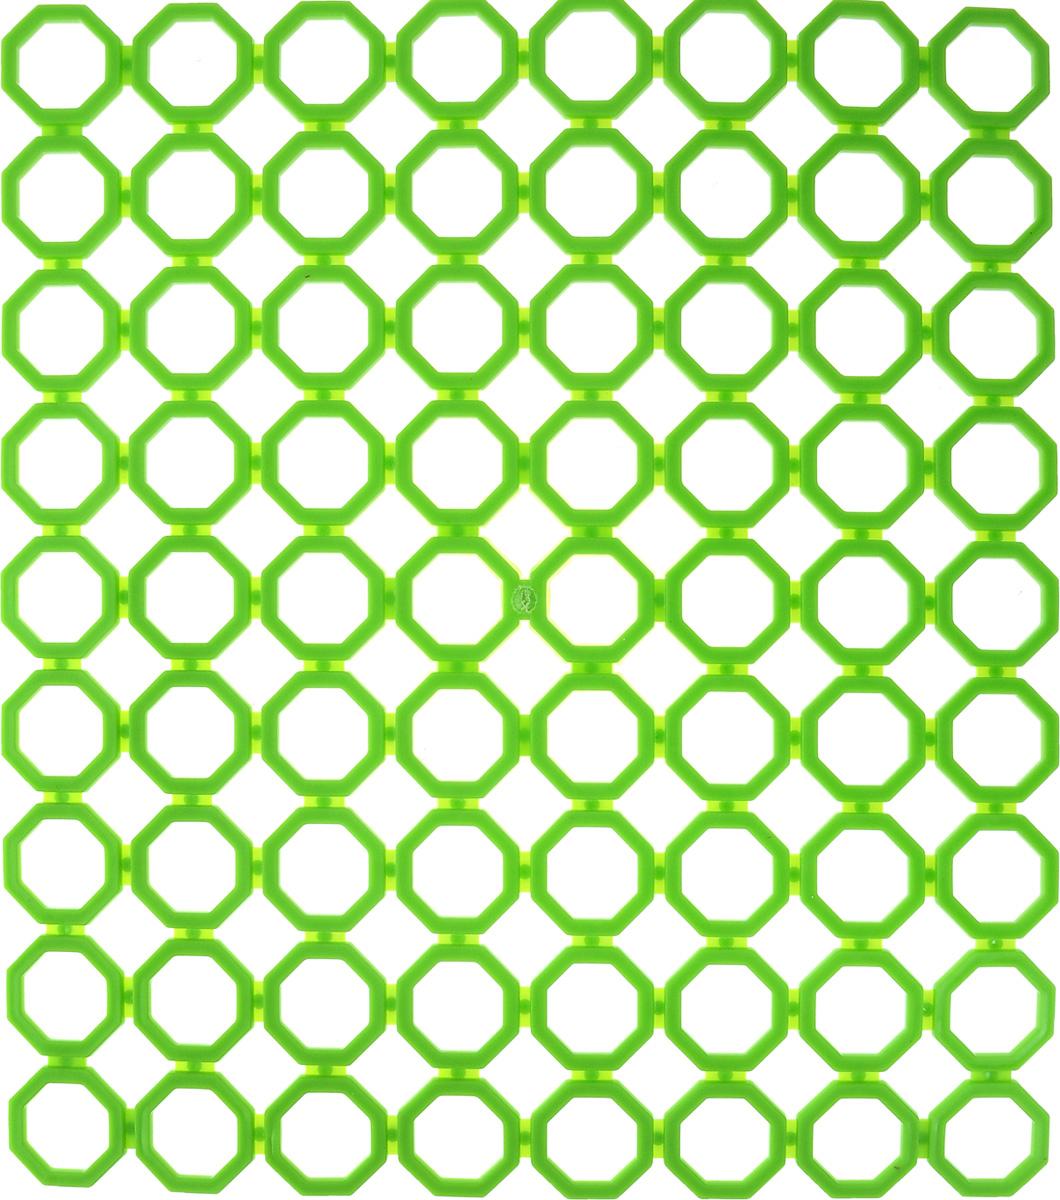 Коврик для раковины York, цвет: зеленый, 29 х 25,7 см9562_зеленыйСтильный и удобный коврик для раковины York изготовлен из сложных полимеров. Он одновременно выполняет несколько функций: украшает, защищает мойку от царапин и сколов, смягчает удары при падении посуды в мойку. Коврик также можно использовать для сушки посуды, фруктов и овощей. Он легко очищается от грязи и жира.